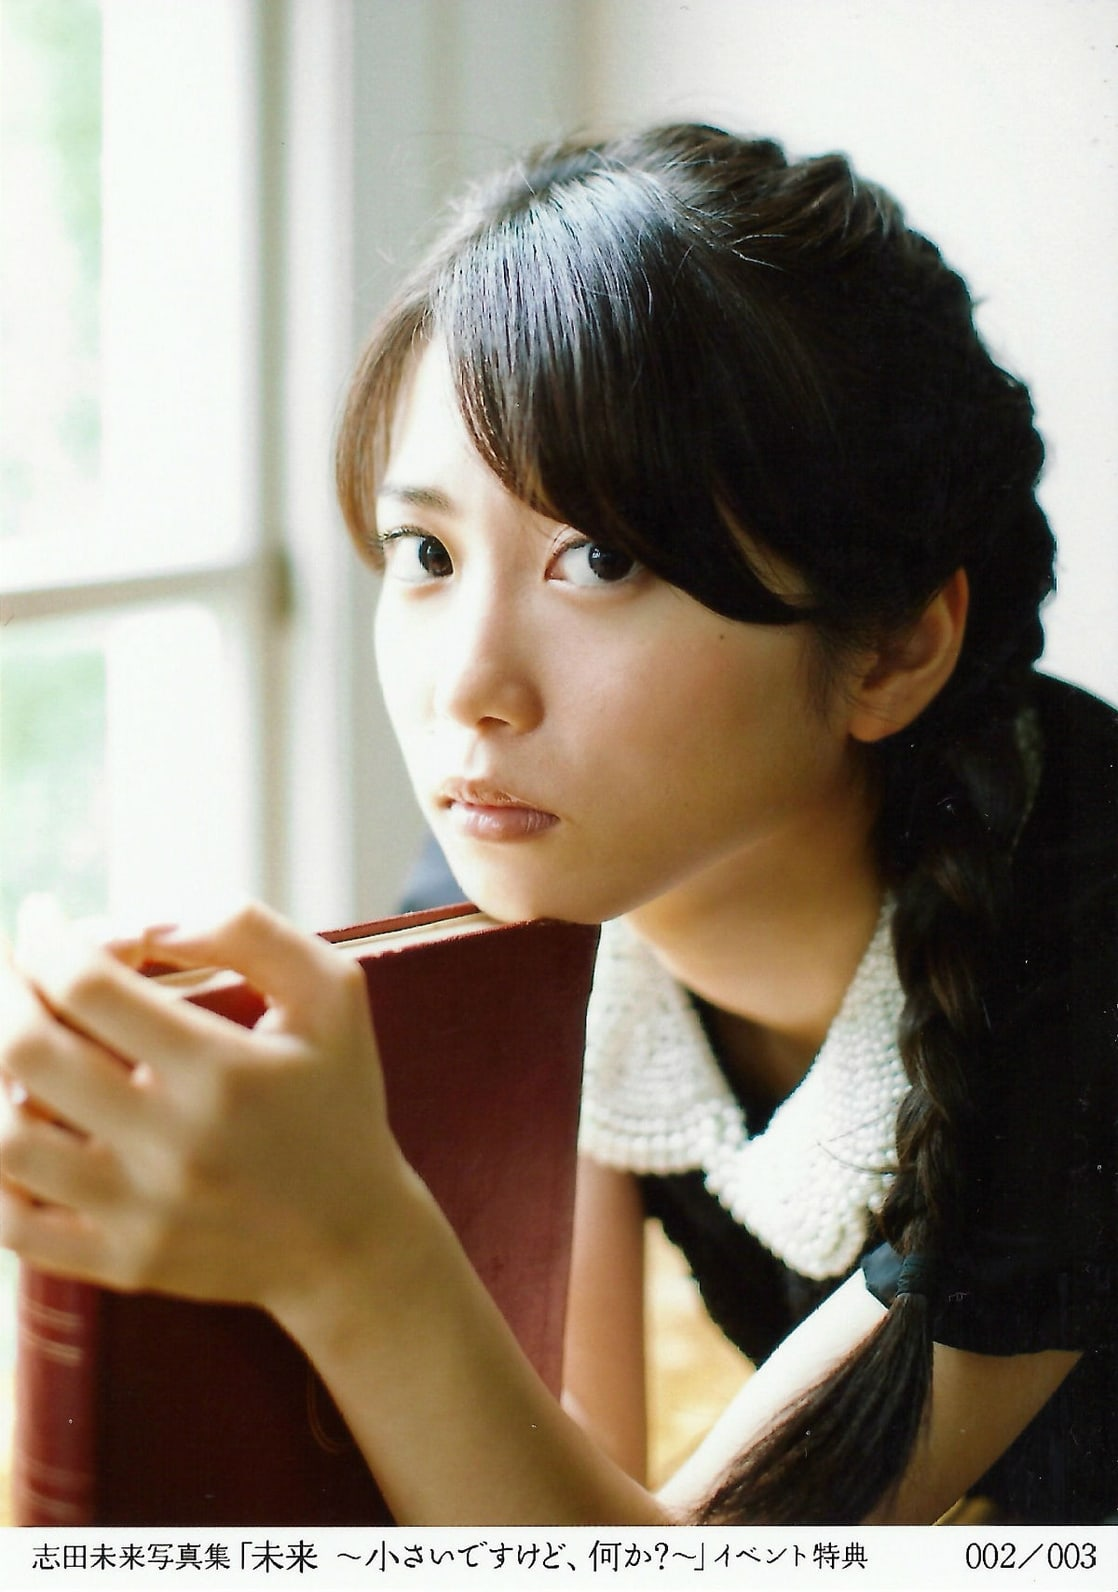 pictures Mirai Shida